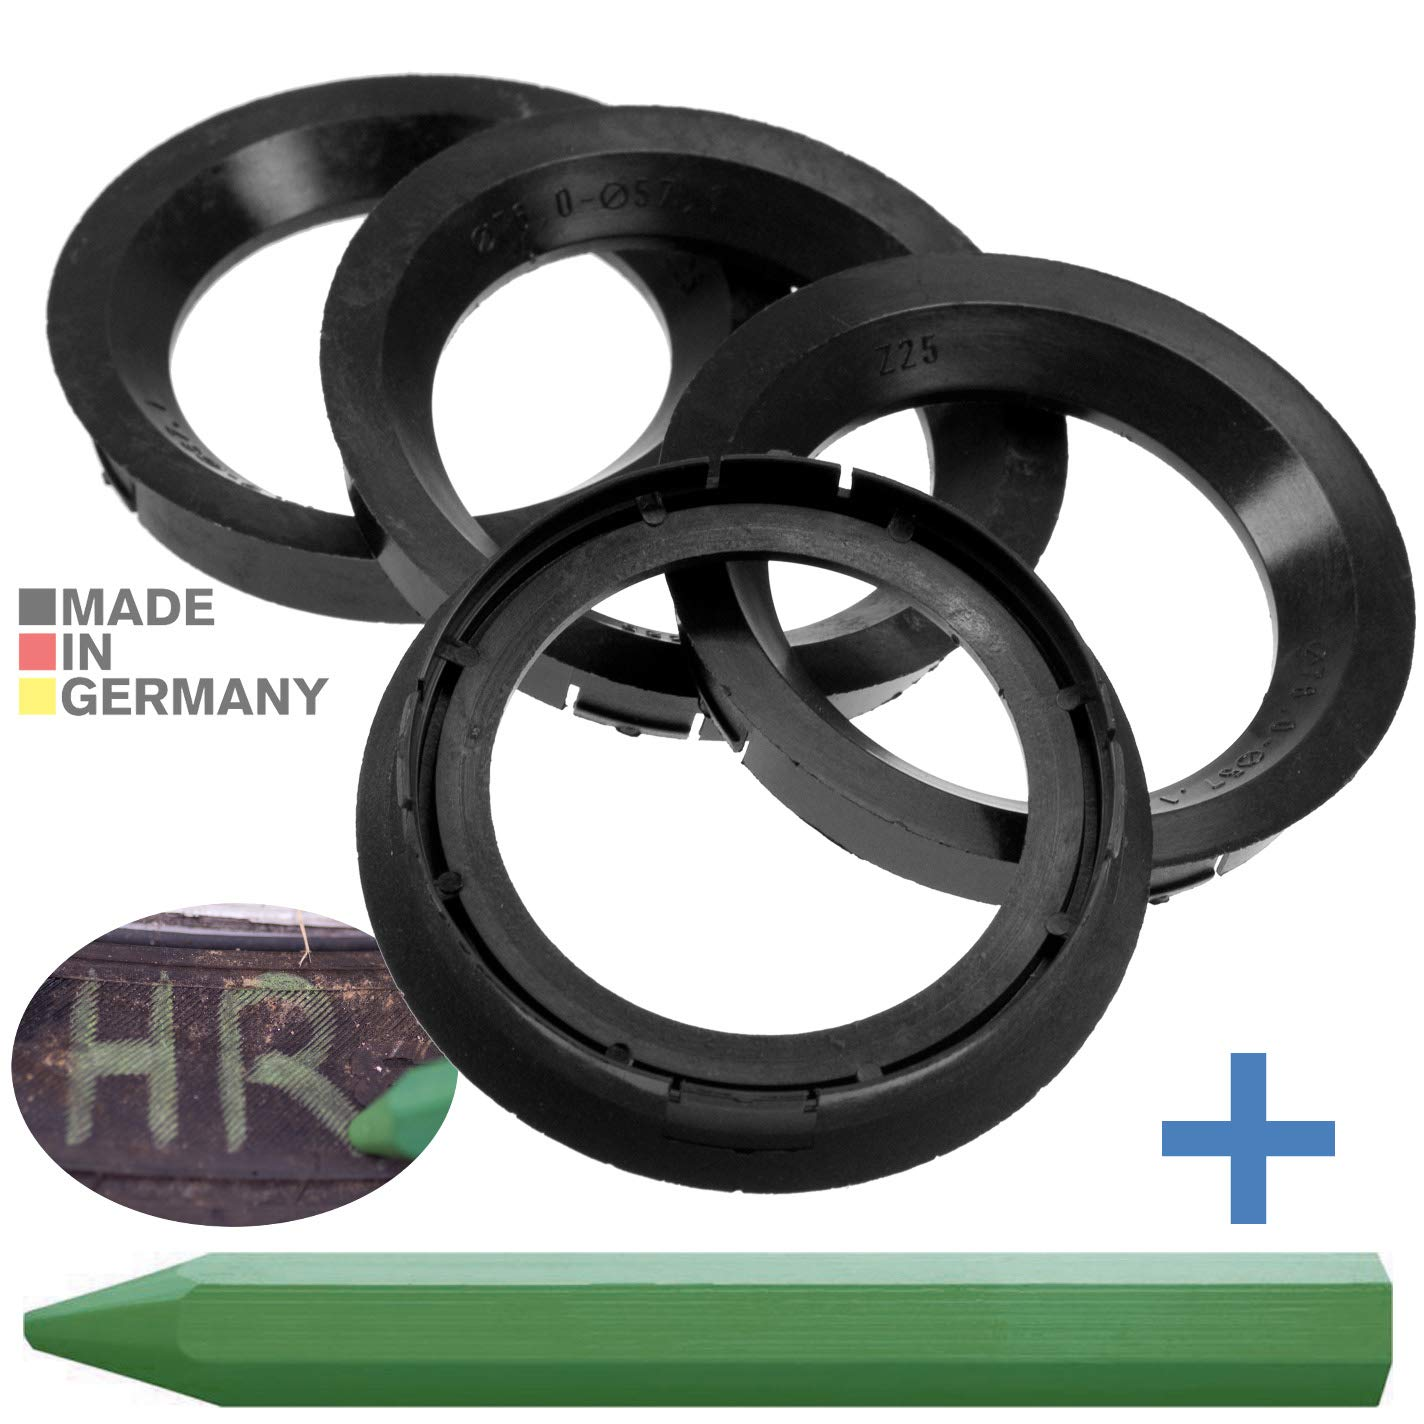 CRK 4X Zentrierringe 76, 0 x 57, 1 mm schwarz Felgen Ringe Made in Germany RKC